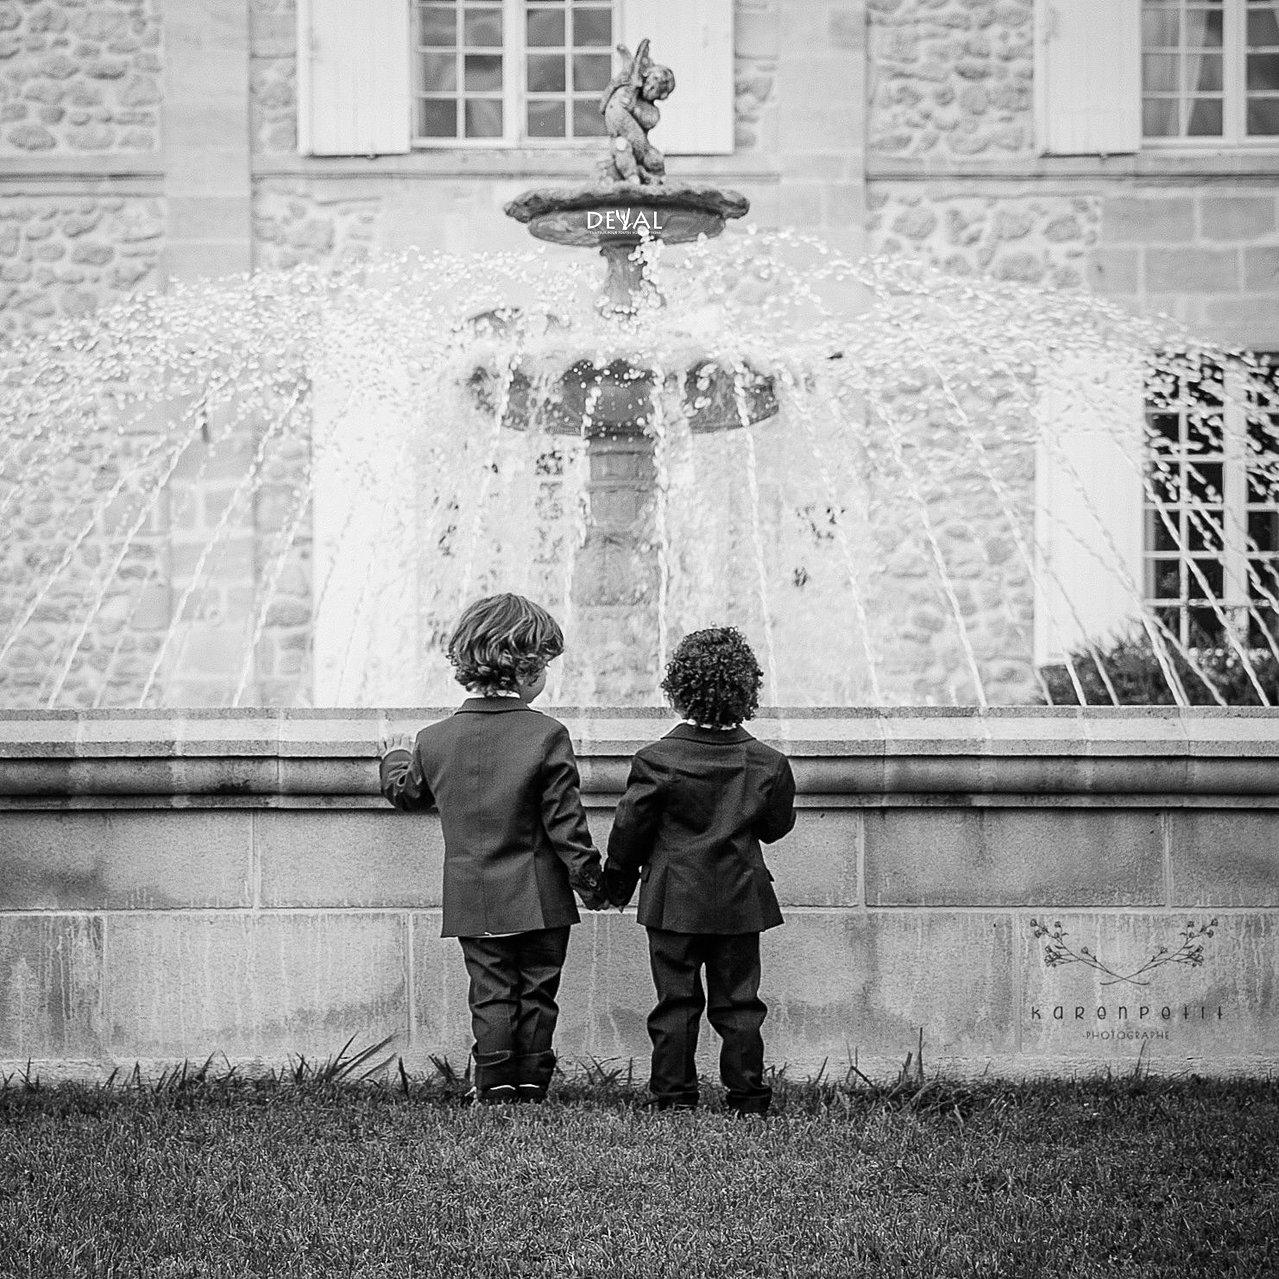 bordeaux chteau deval traiteur gironde libourne bassin enfants - Traiteur Mariage Gironde